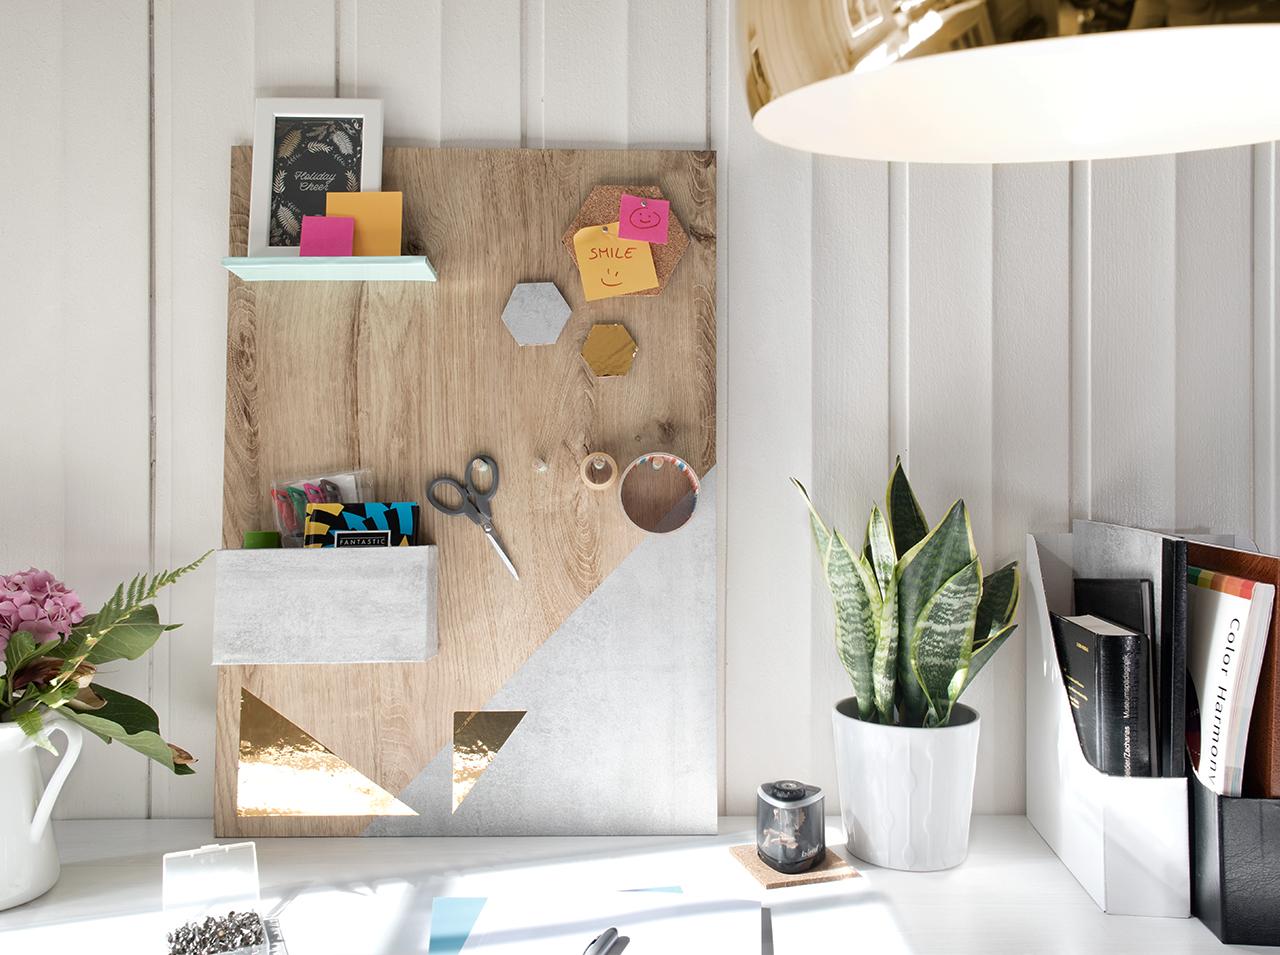 Praktisches DIY Utensilo aus Holz mit d-c-fix® Klebefolien in Pastellfarben und Gold beklebt.